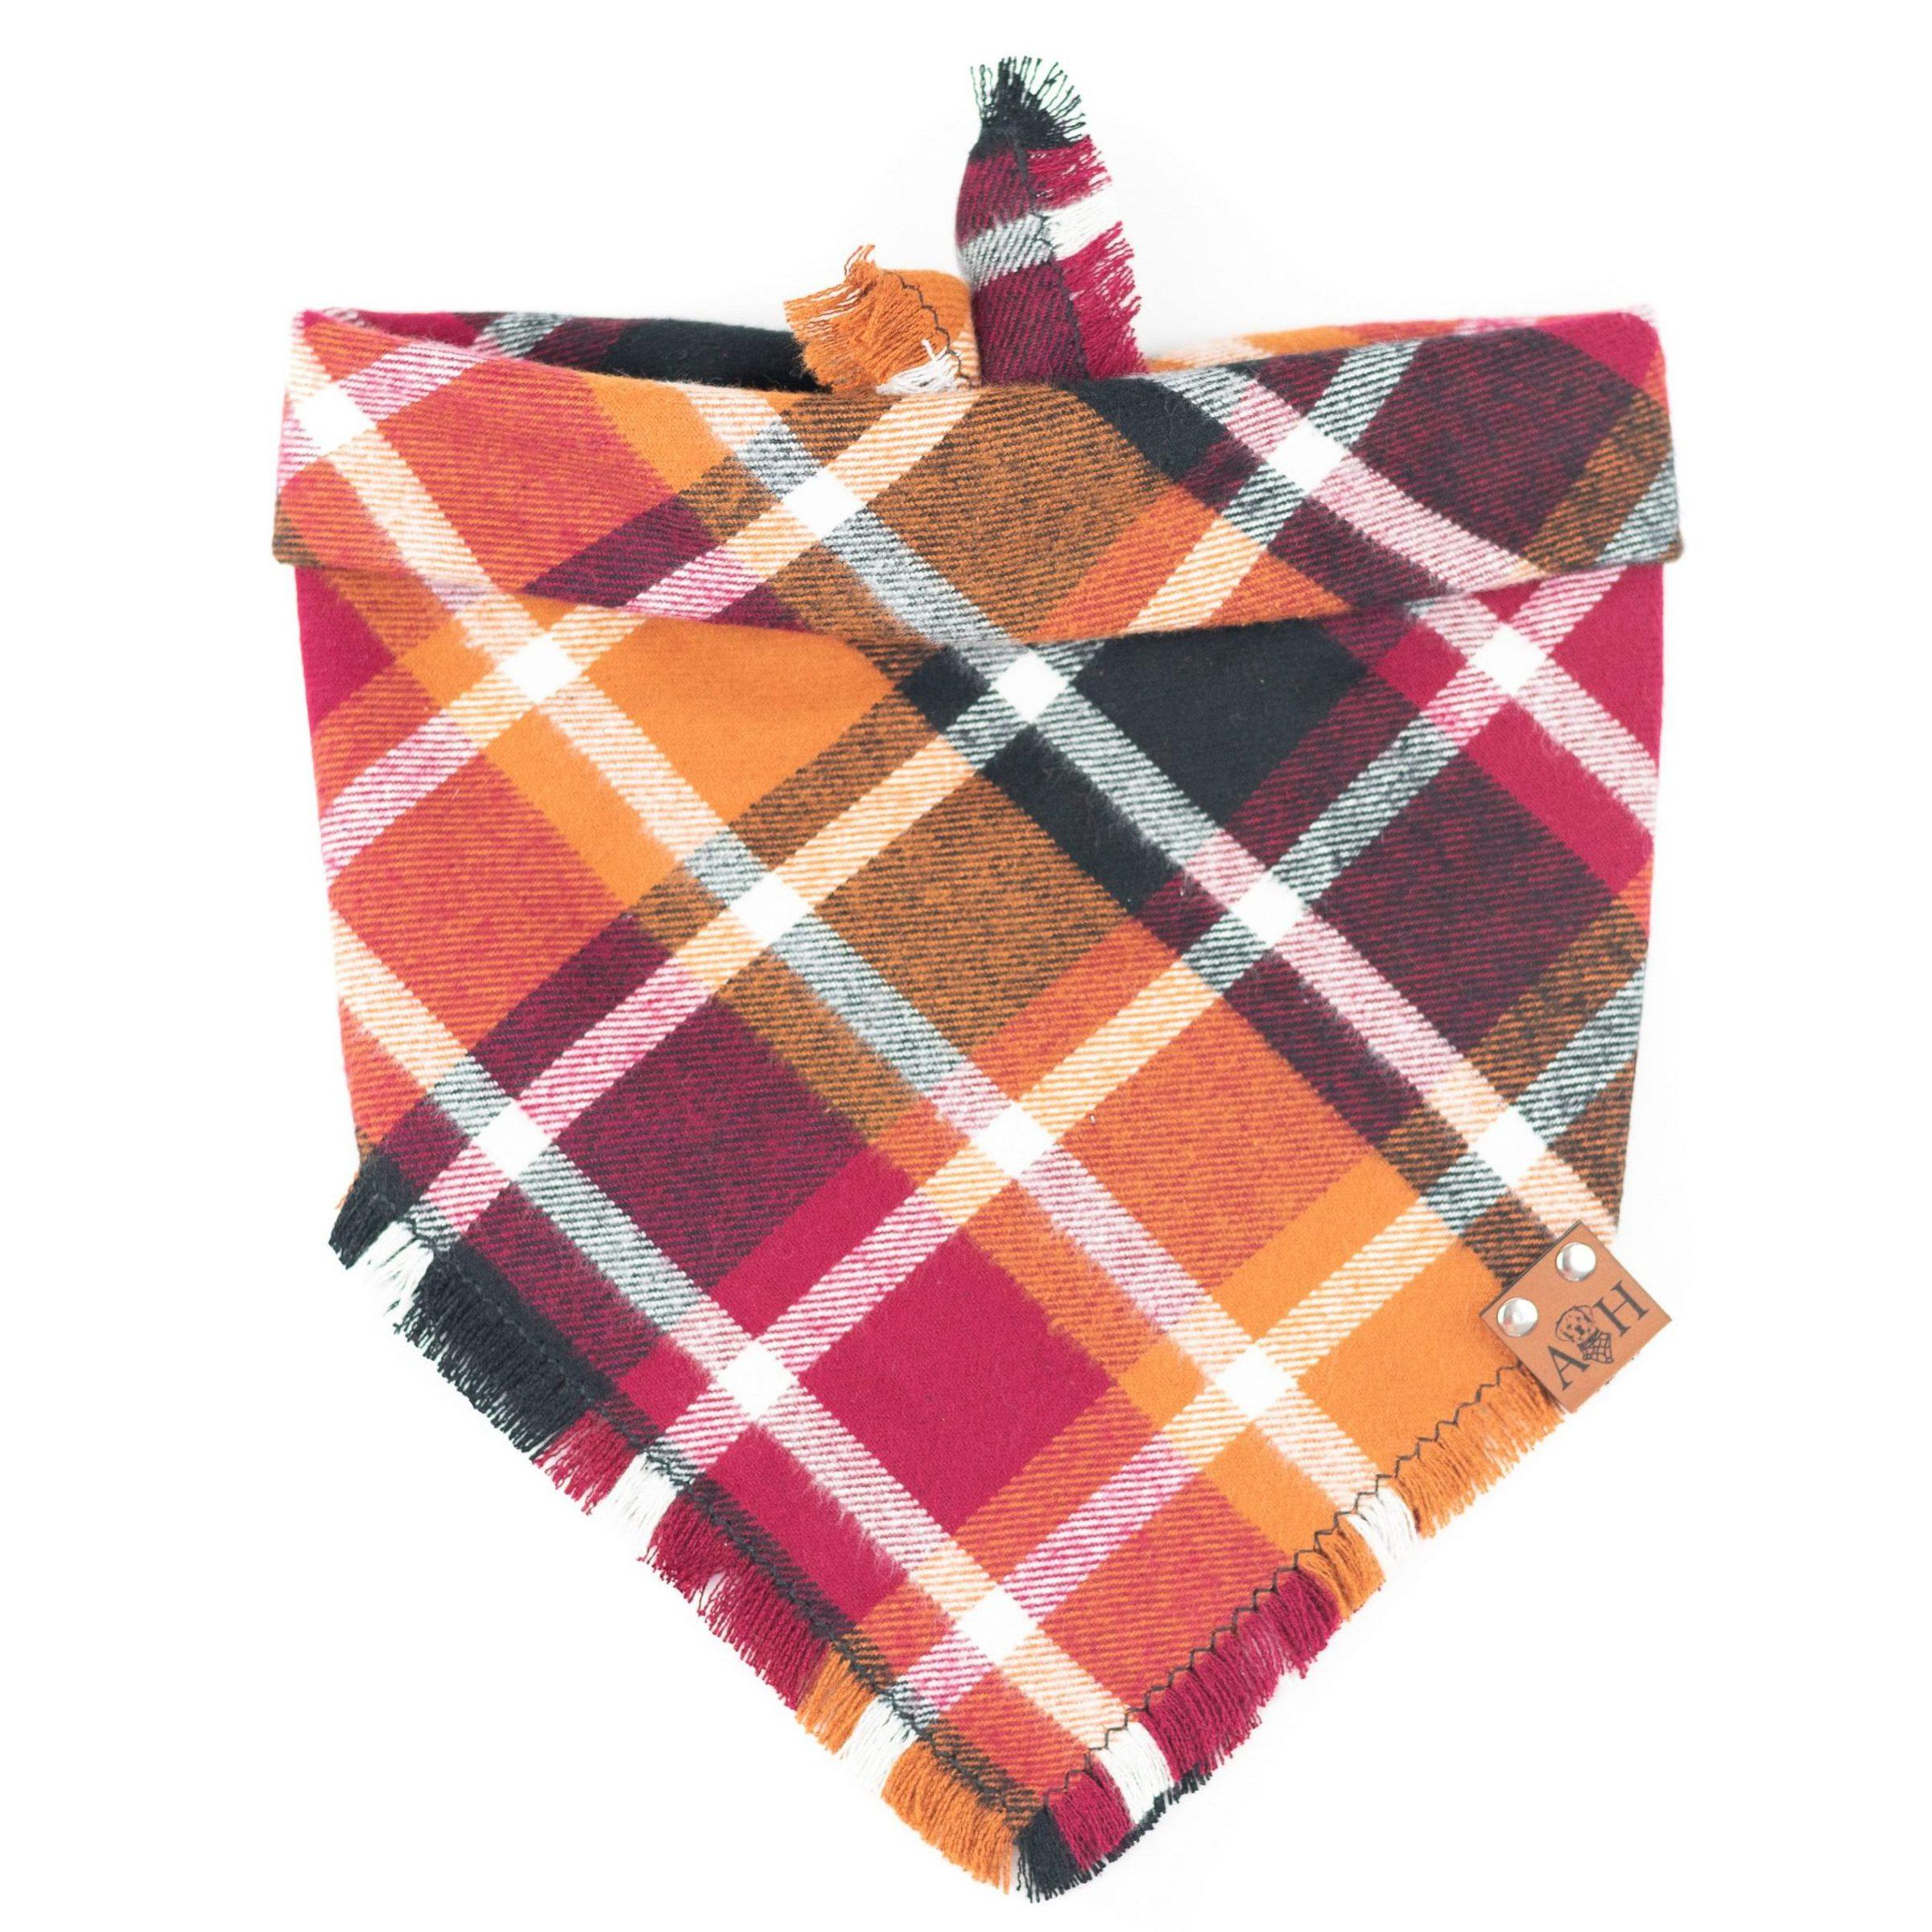 Red, orange and yellow frayed dog bandana